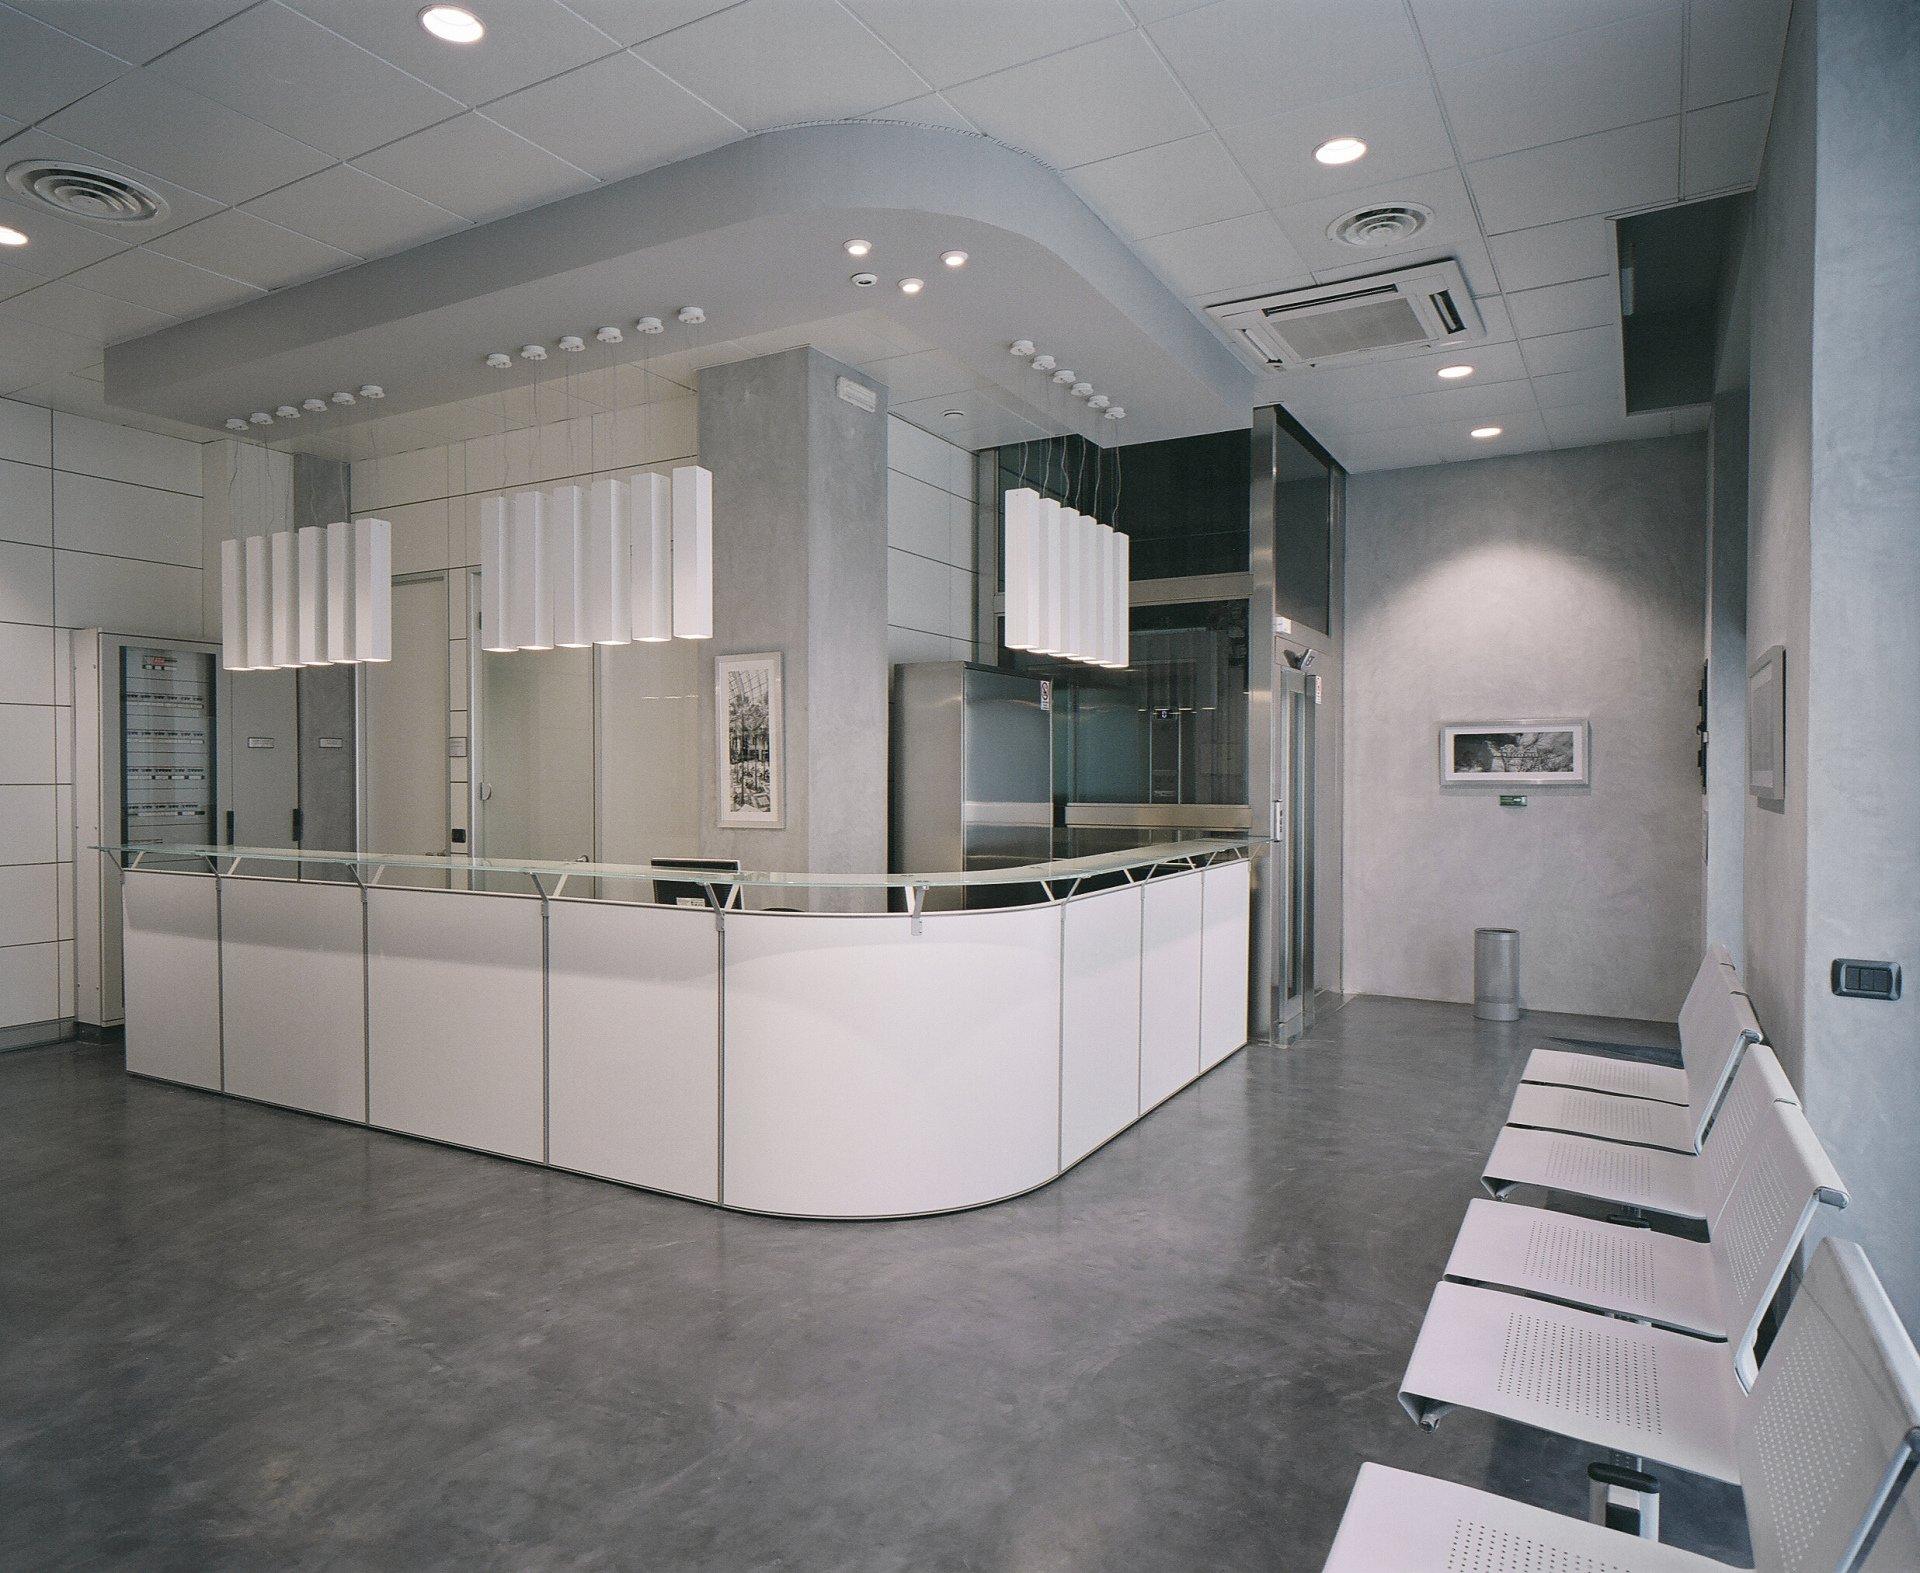 Centro di Radiodiagnostica a Palermo ee95798f6e72